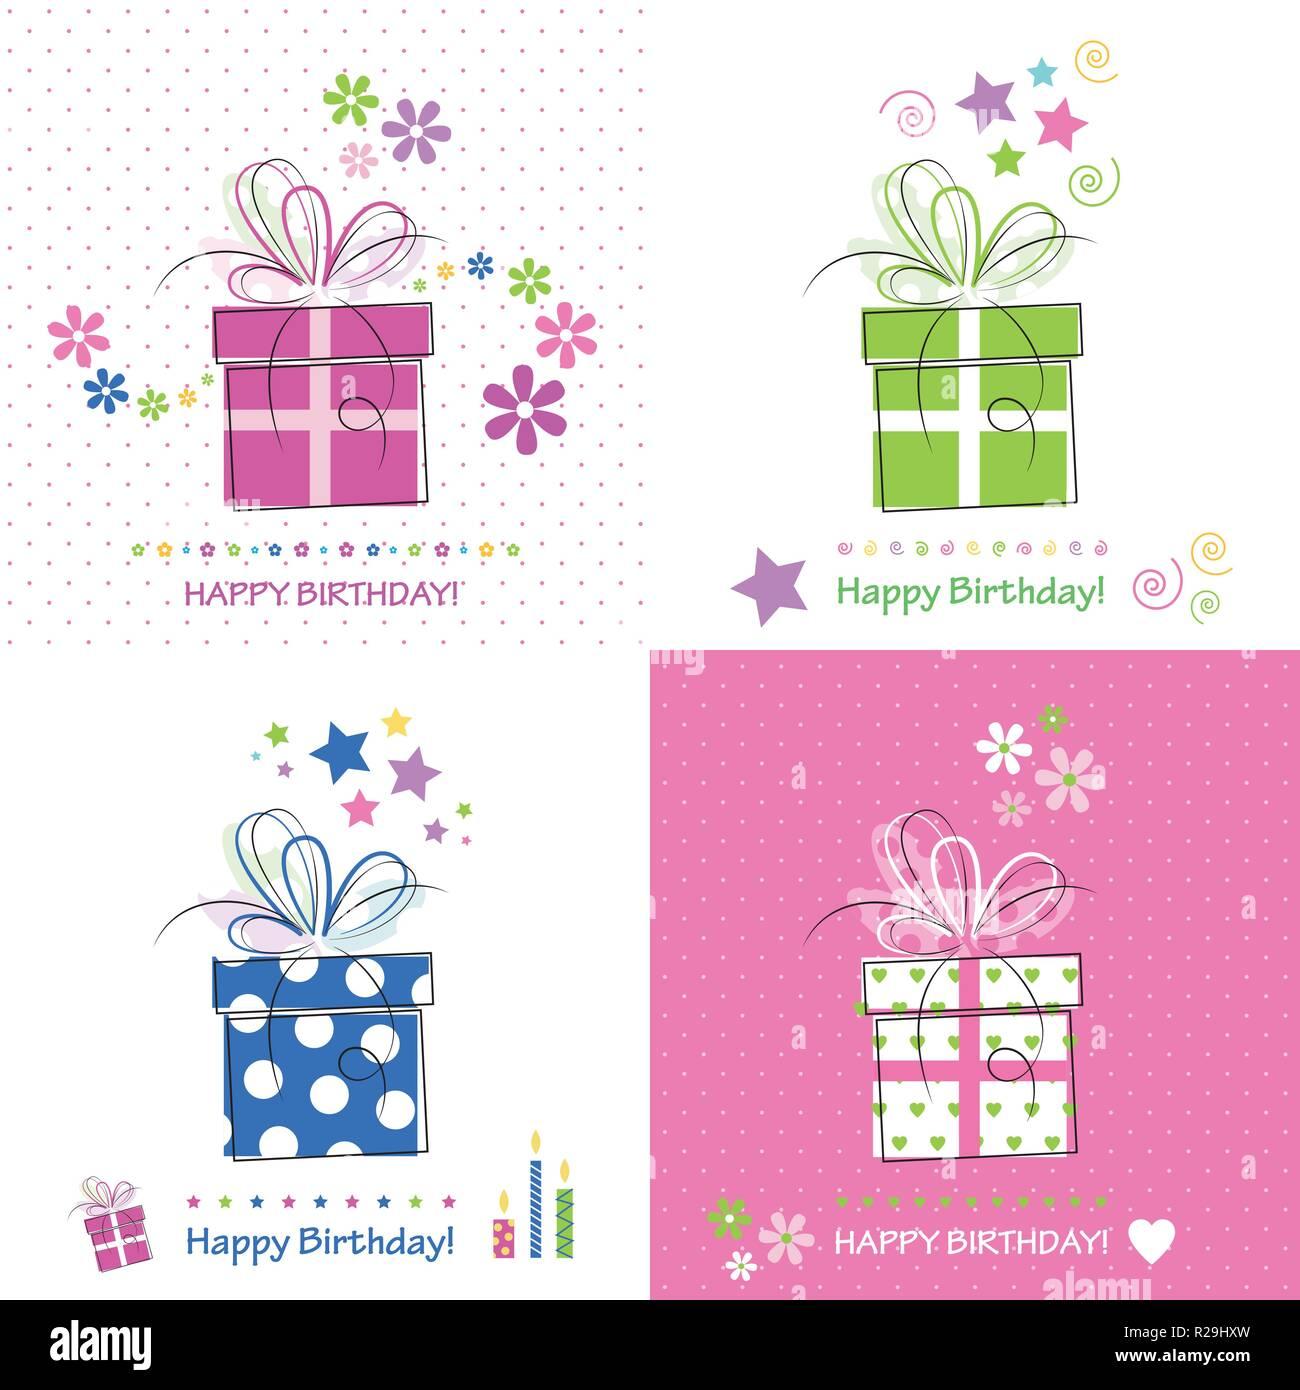 Vier Happy Birthday Cards Mit Rosa Blau Grun Und Weiss Prasentiert Bogen Herzen Sterne Blumen